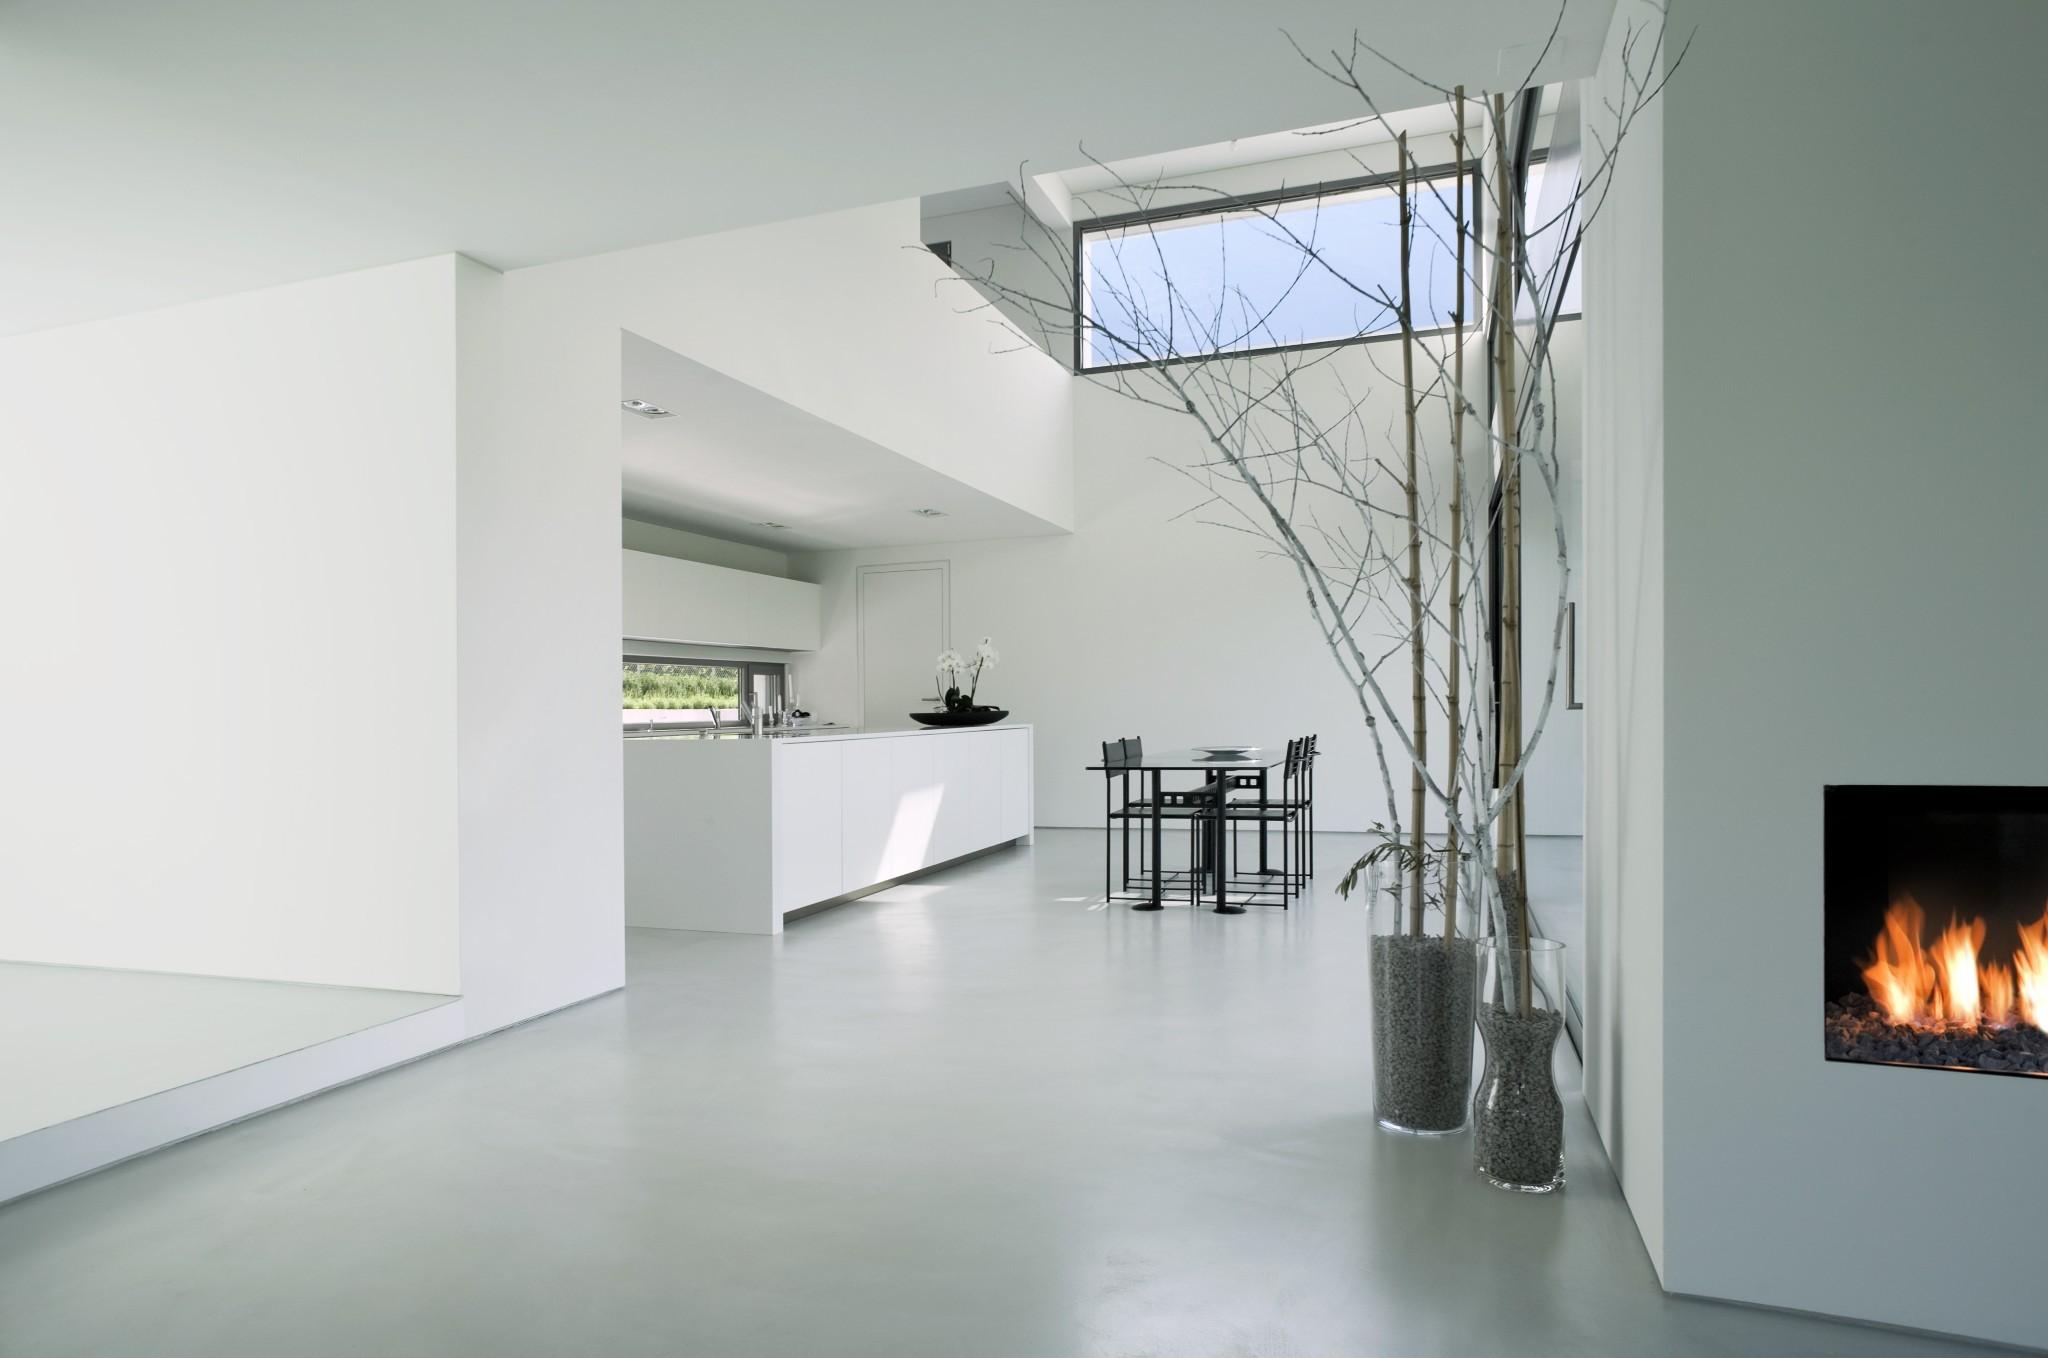 le b ton cir ou le b ton pochoir pour son sol blog immobilier et jardin. Black Bedroom Furniture Sets. Home Design Ideas